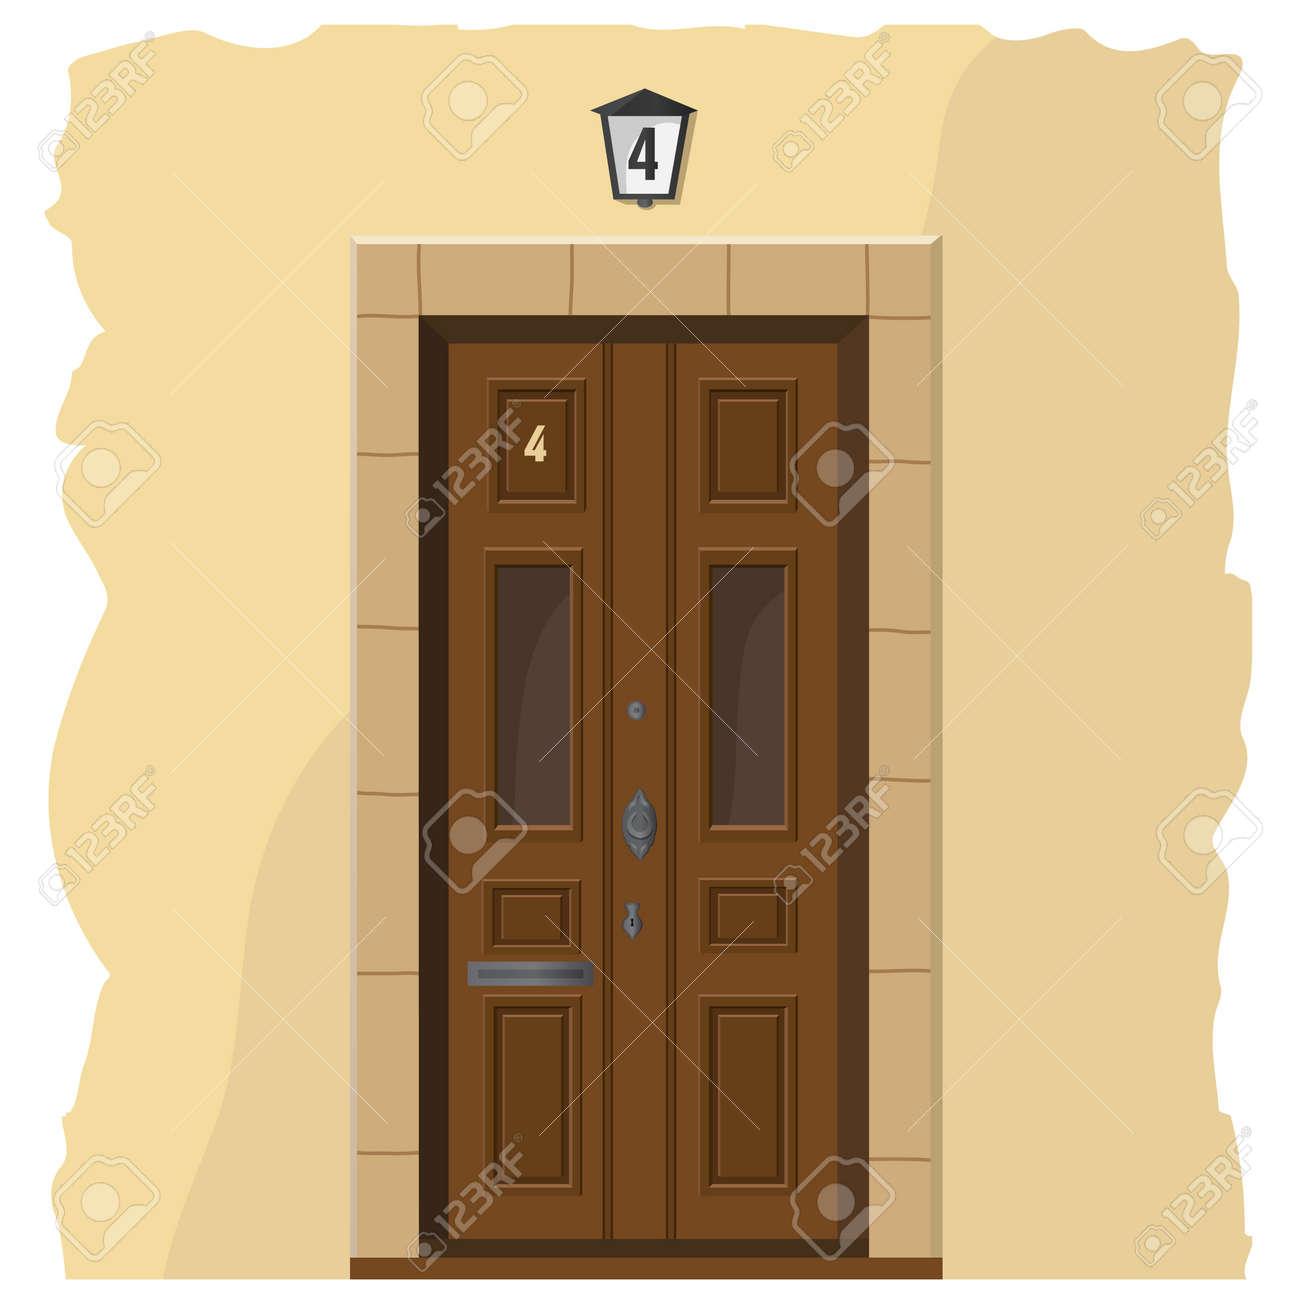 Inside front door clipart - Front Doors Clipart Inside Front Door Clipart Door